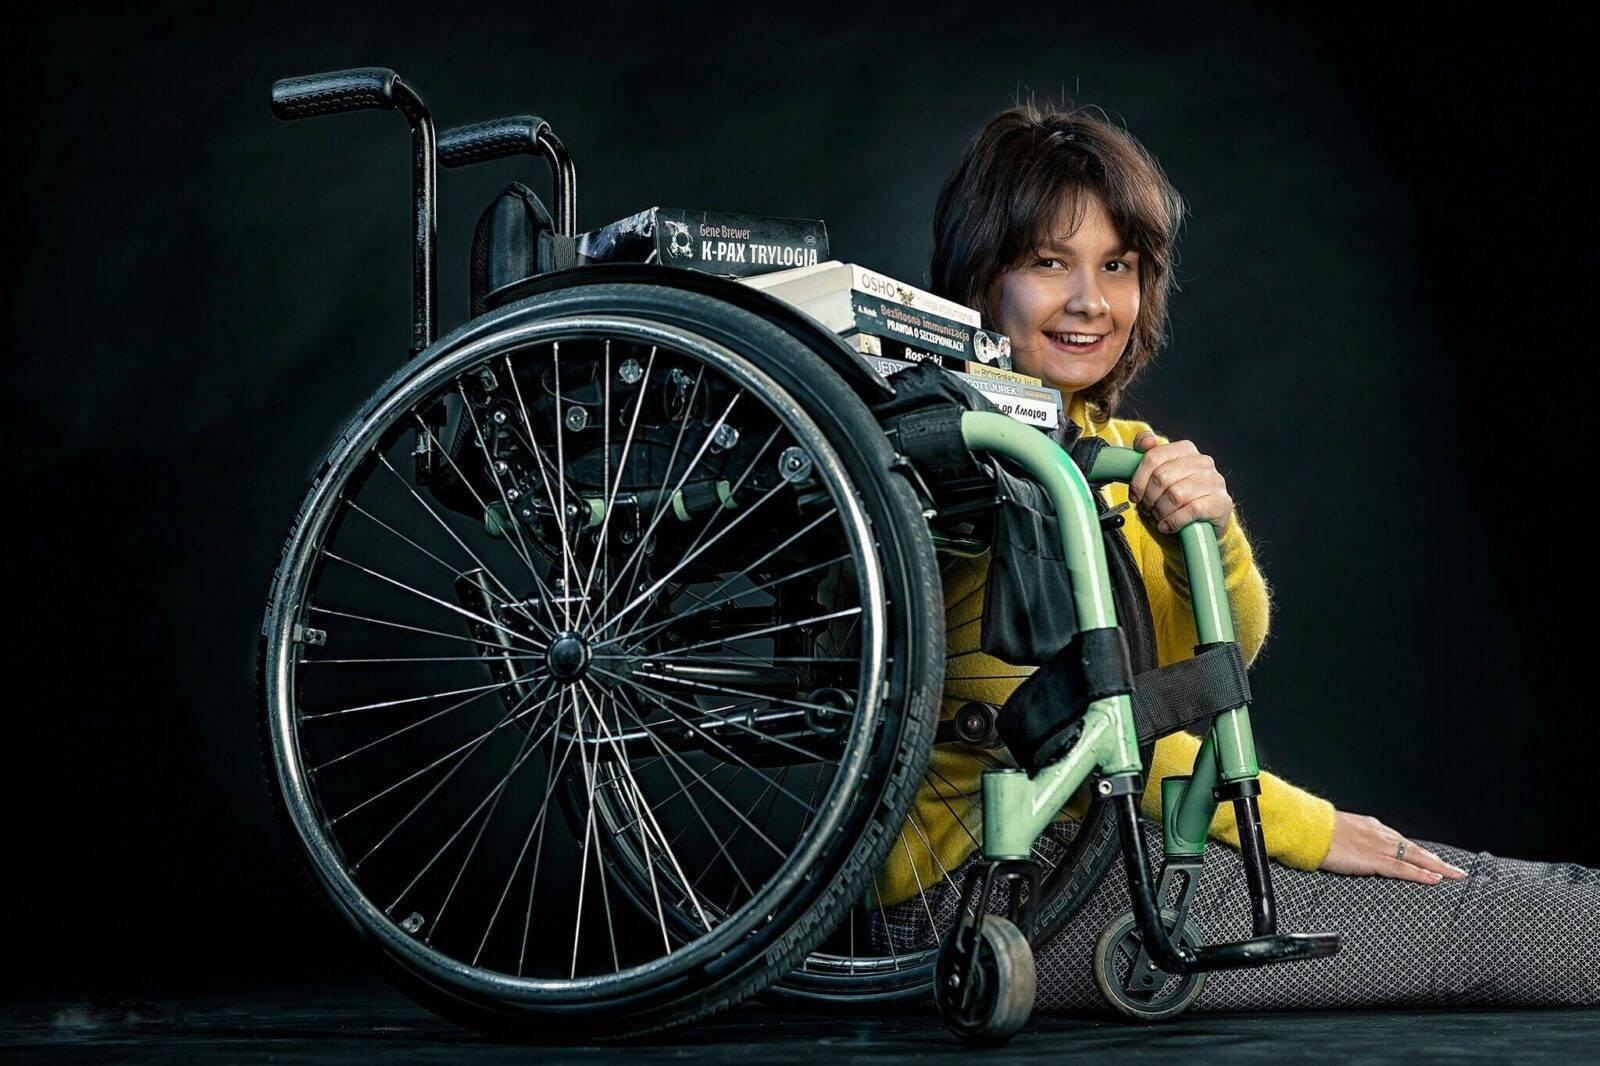 kobieta siedząca przy wózku inwalidzkim, na którym stoi stos książek